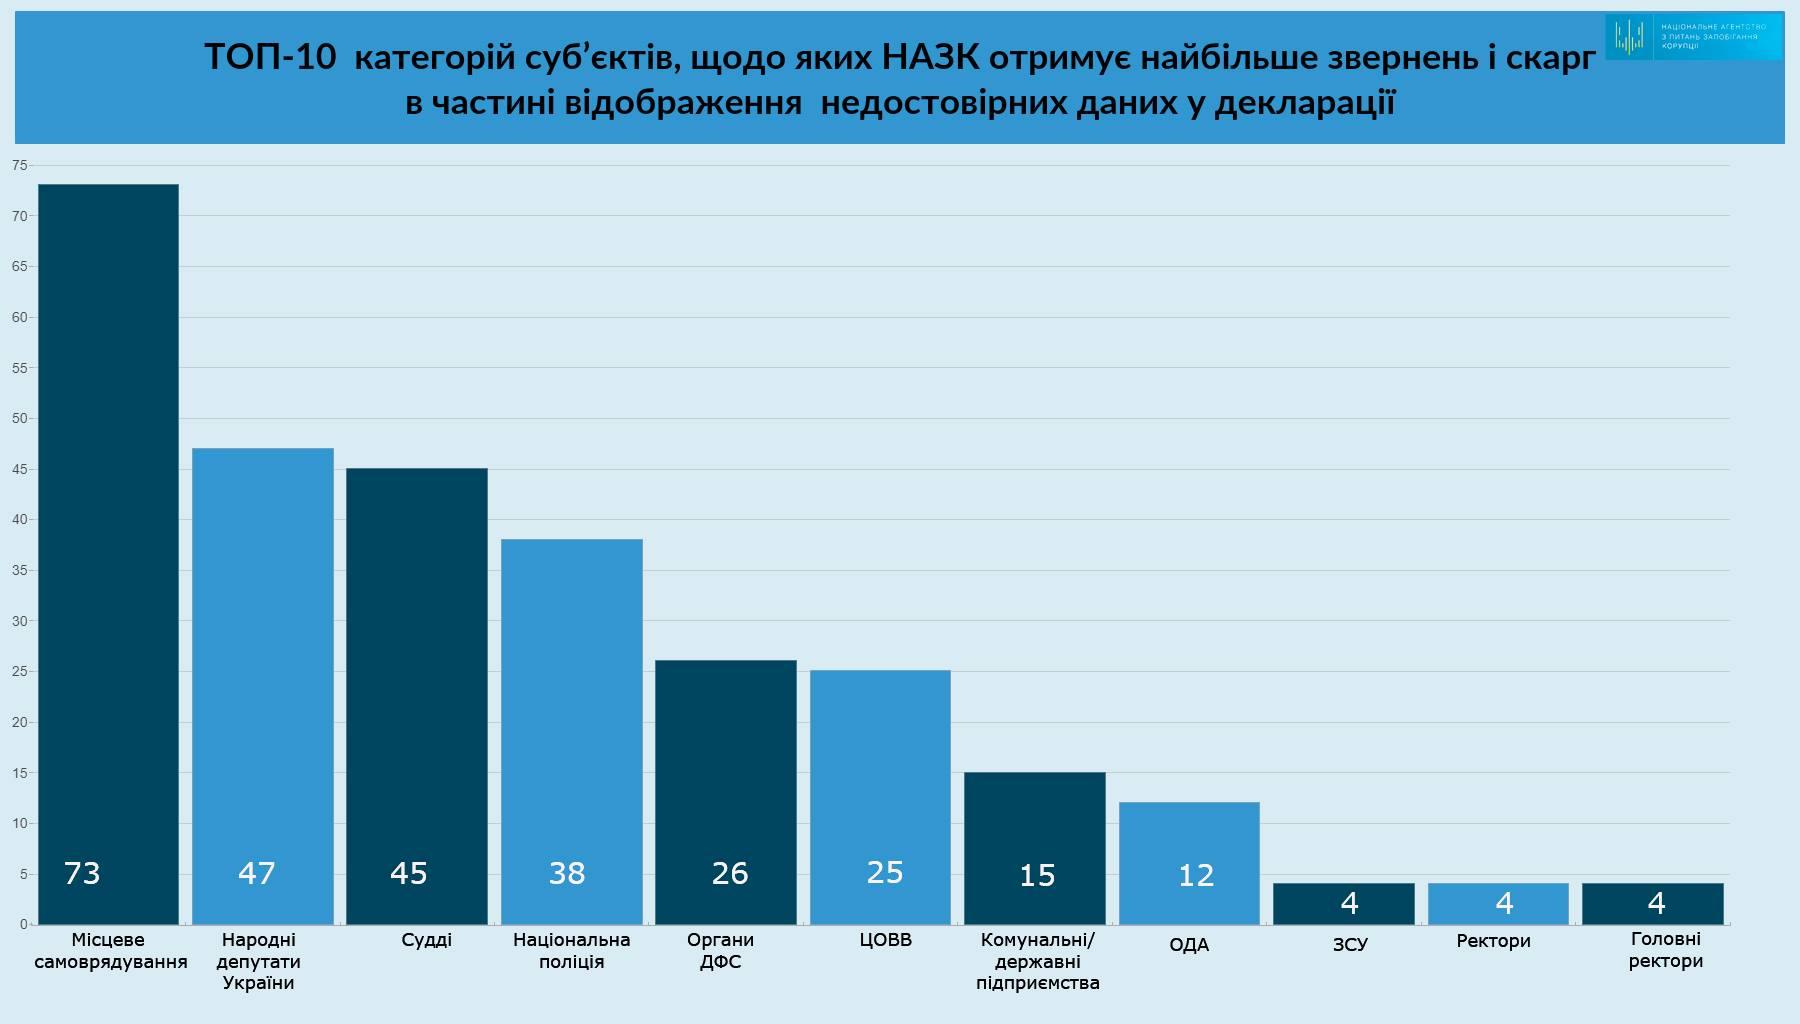 Чьи декларации украинцы просят проверить чаще всего: рейтинг НАПК